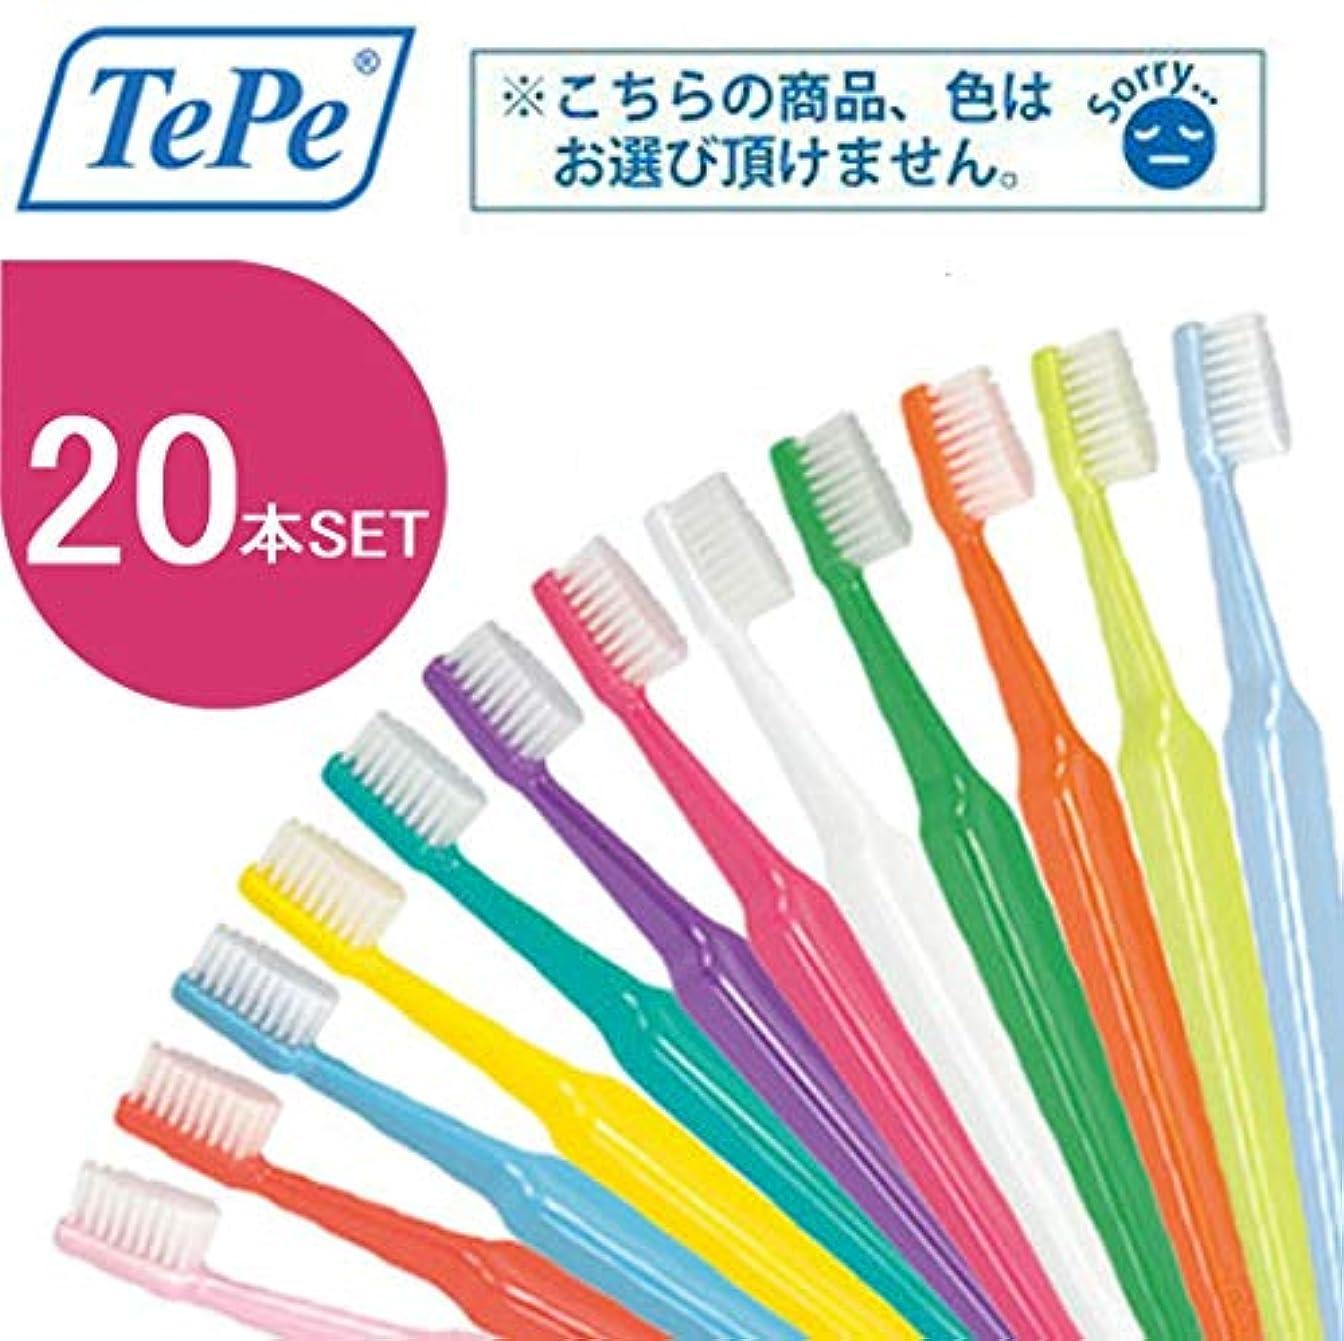 洞察力フォーラムロンドンクロスフィールド TePe テペ セレクト 歯ブラシ 20本 (エクストラソフト)